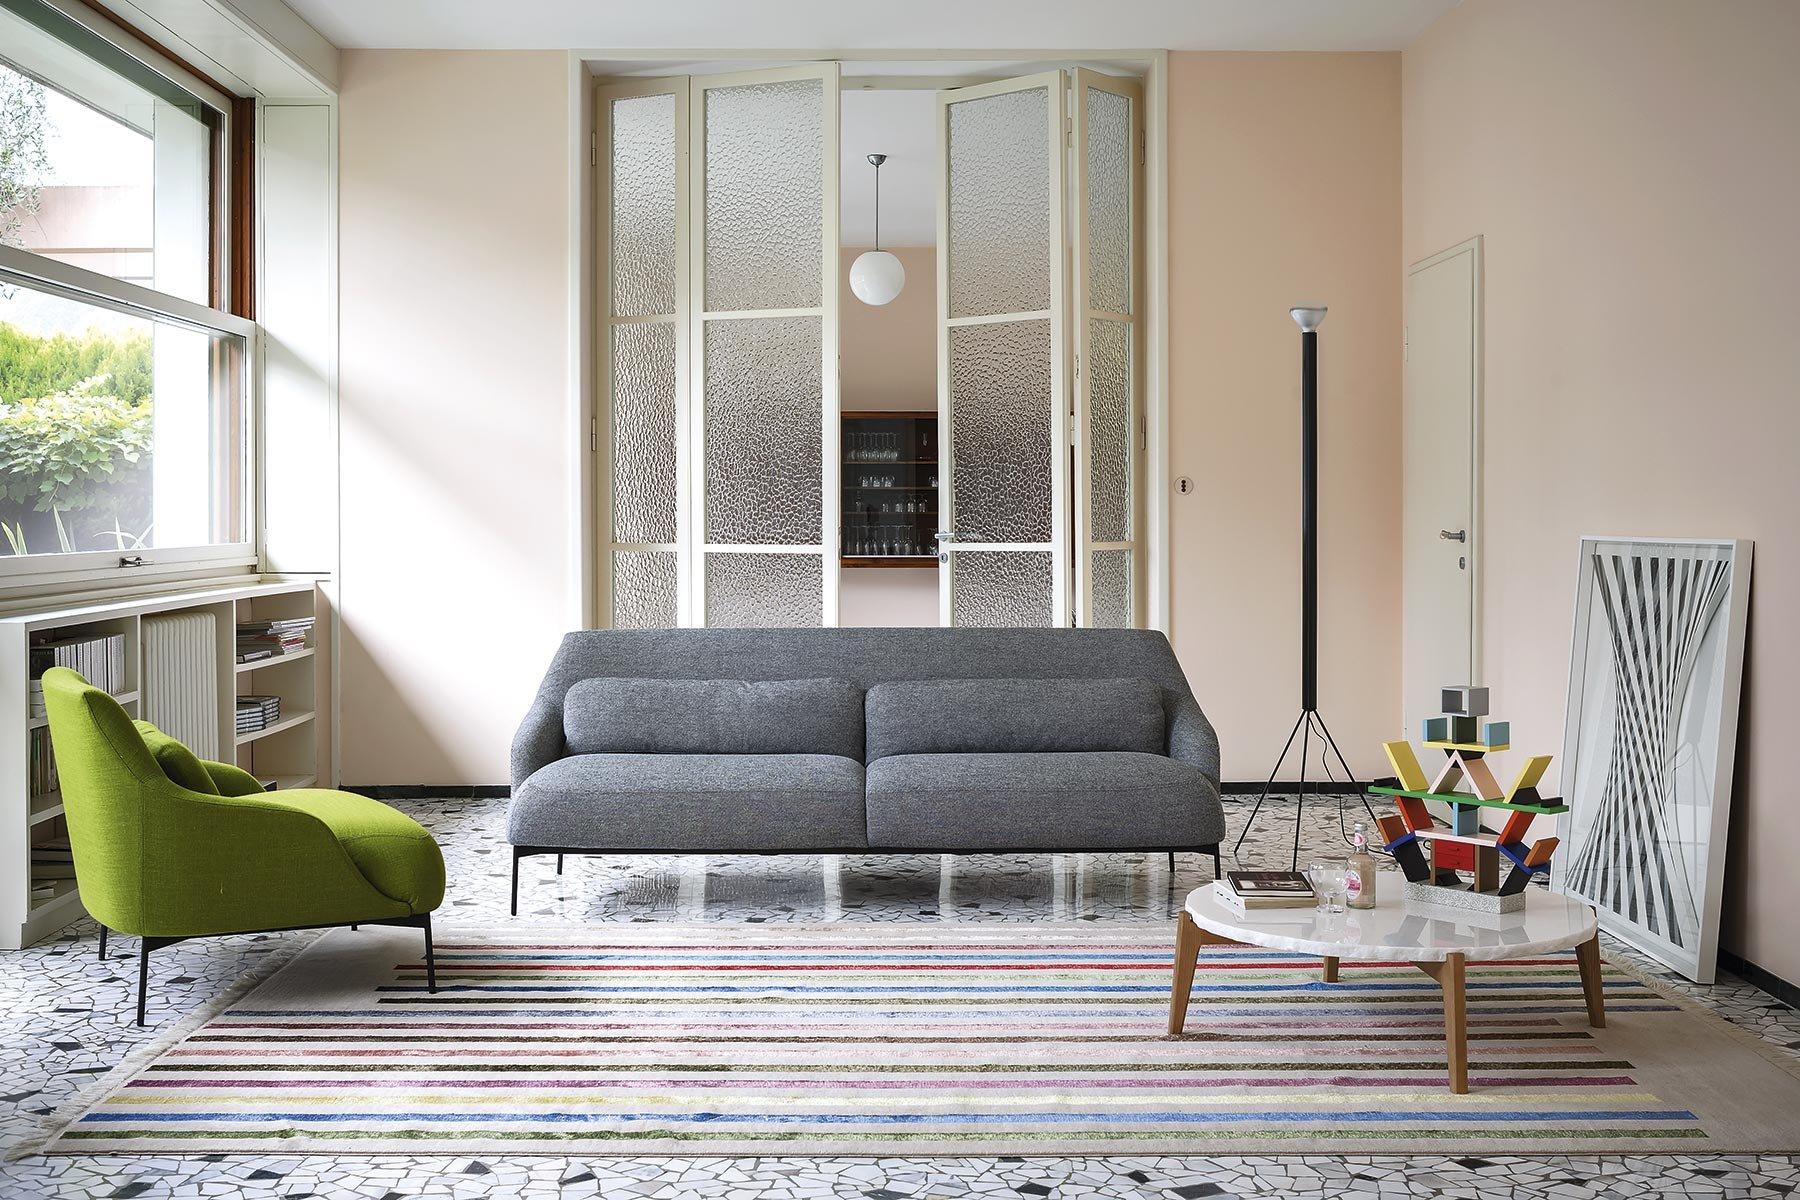 Lima Sofa from Tacchini